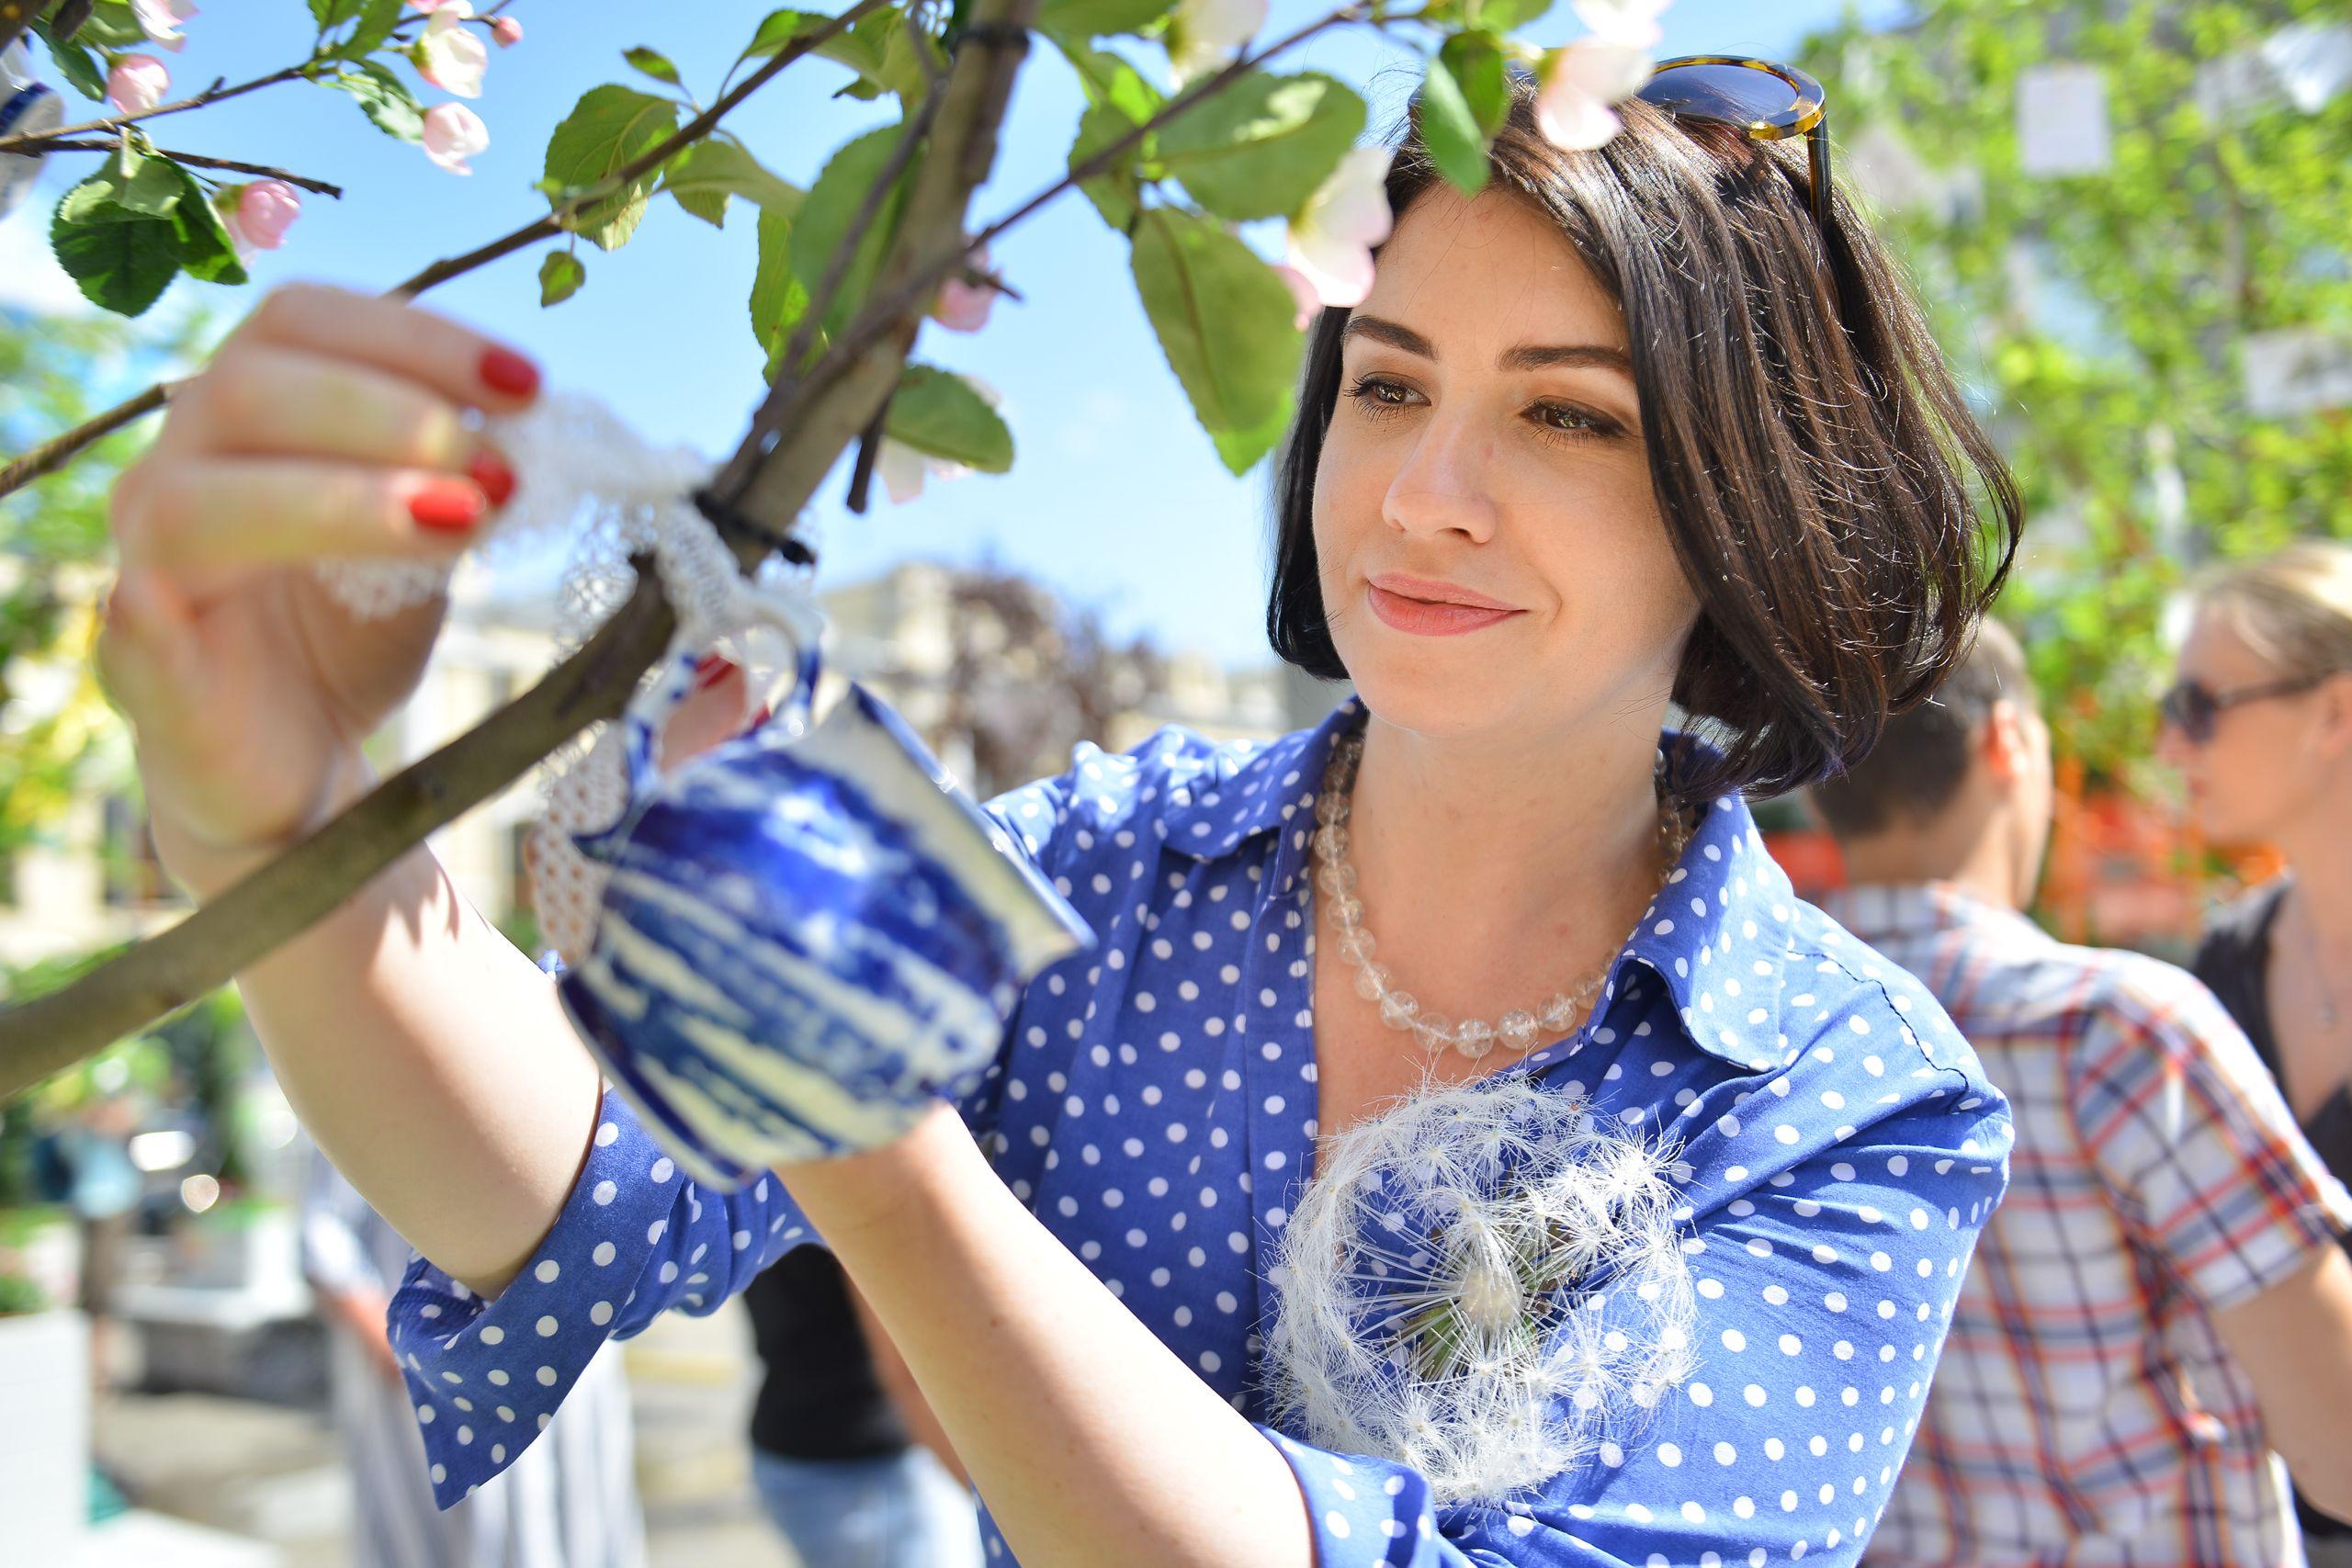 Москва дала старт фестивалю «Цветочный джем-2019»